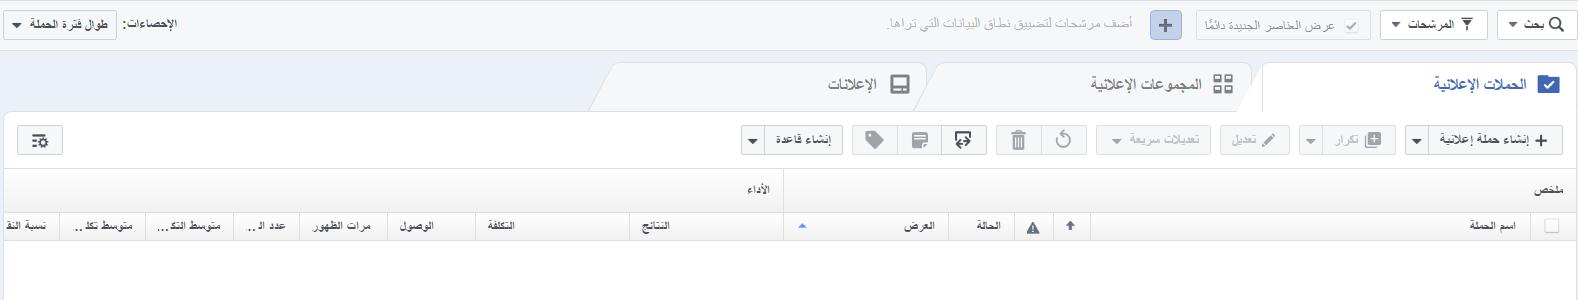 بيع دورات تعليمية على الفيس بوك 5